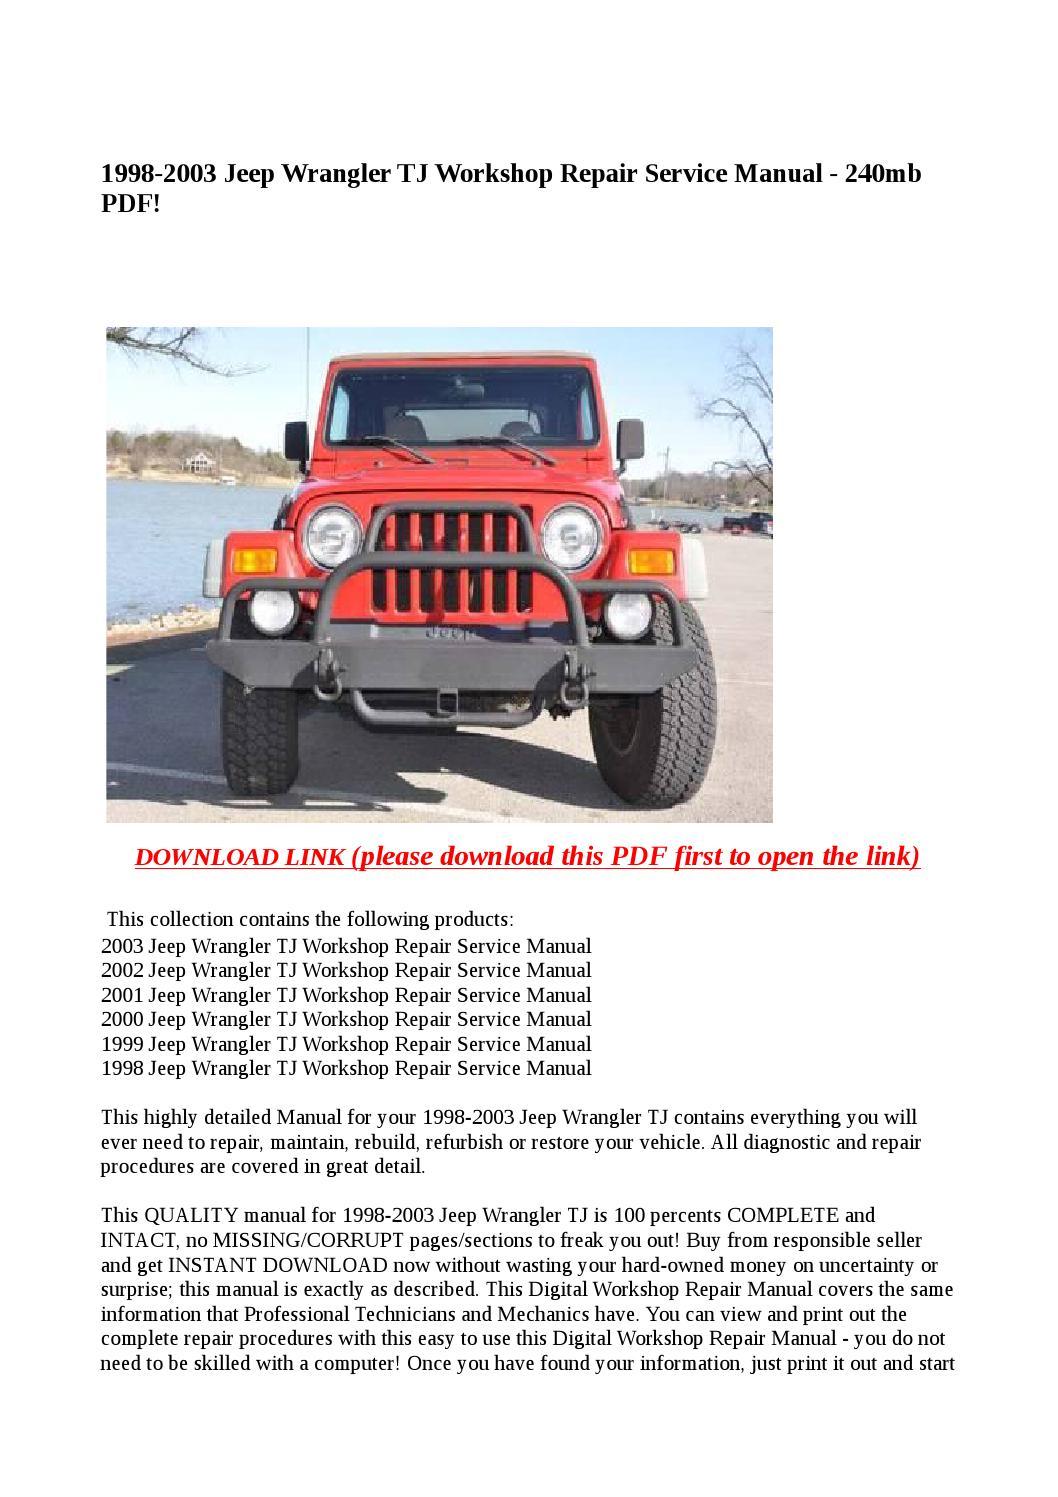 Jeep 1987 Wrangler Workshop Manual